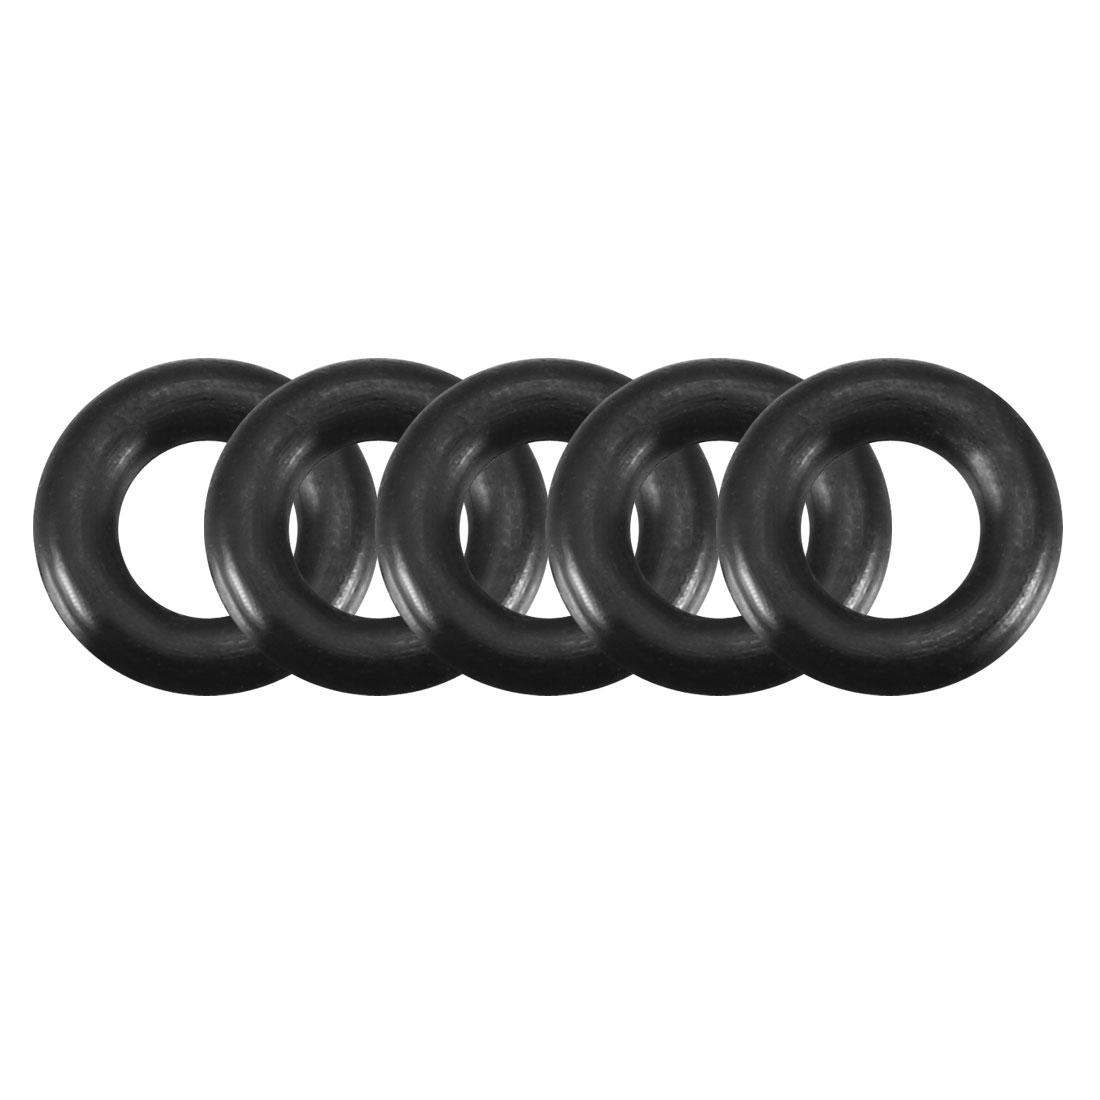 5pcs Black Nitrile Butadiene Rubber NBR O-Ring 3.8mm Inner Dia 1.9mm Width